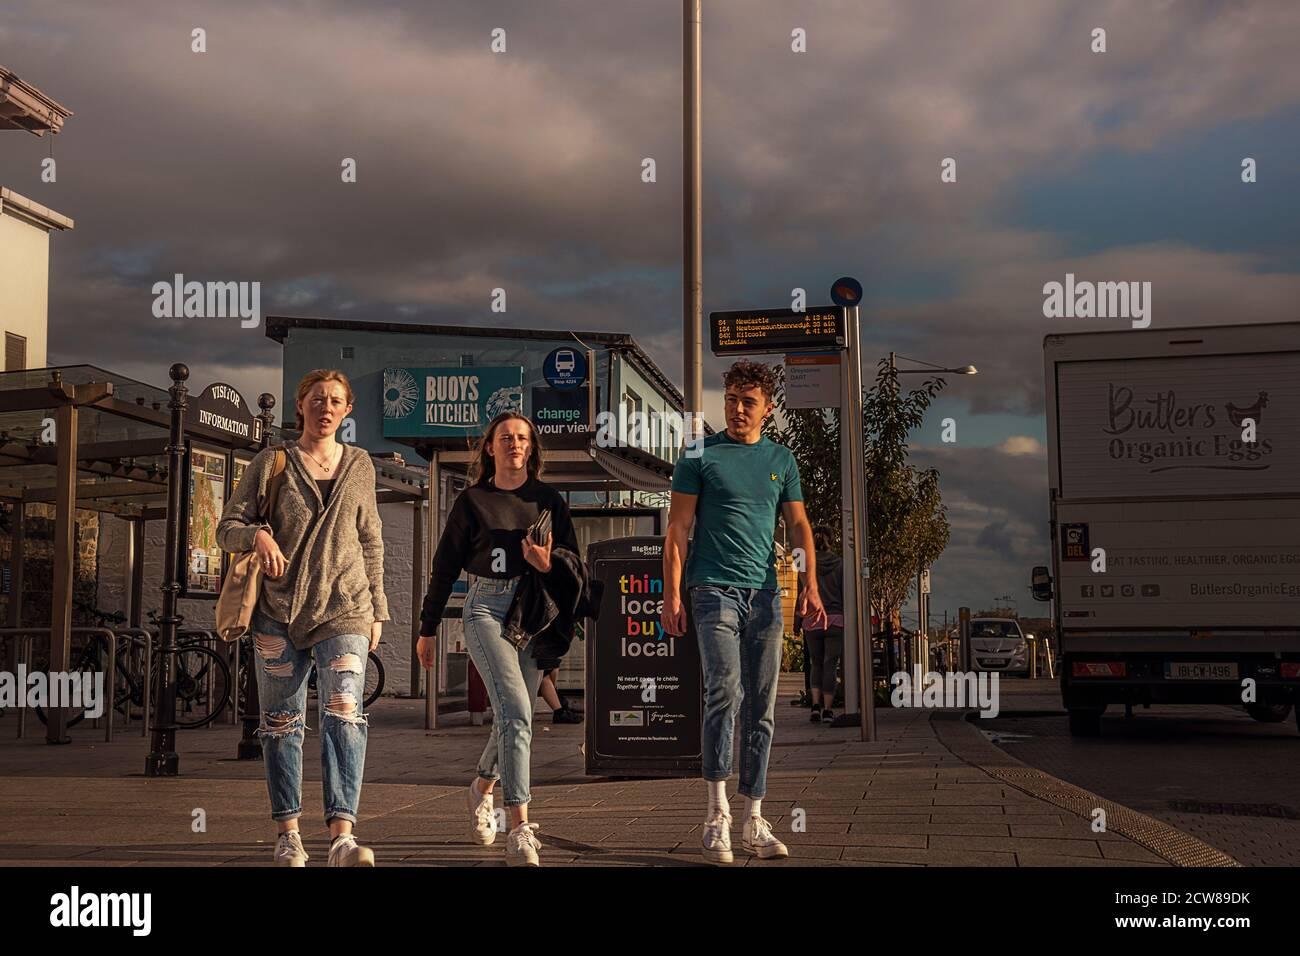 La vie quotidienne. Les filles et l'homme marchant vers l'appareil photo dans la rue principale autour de la gare. Greystones. Irlande. Banque D'Images